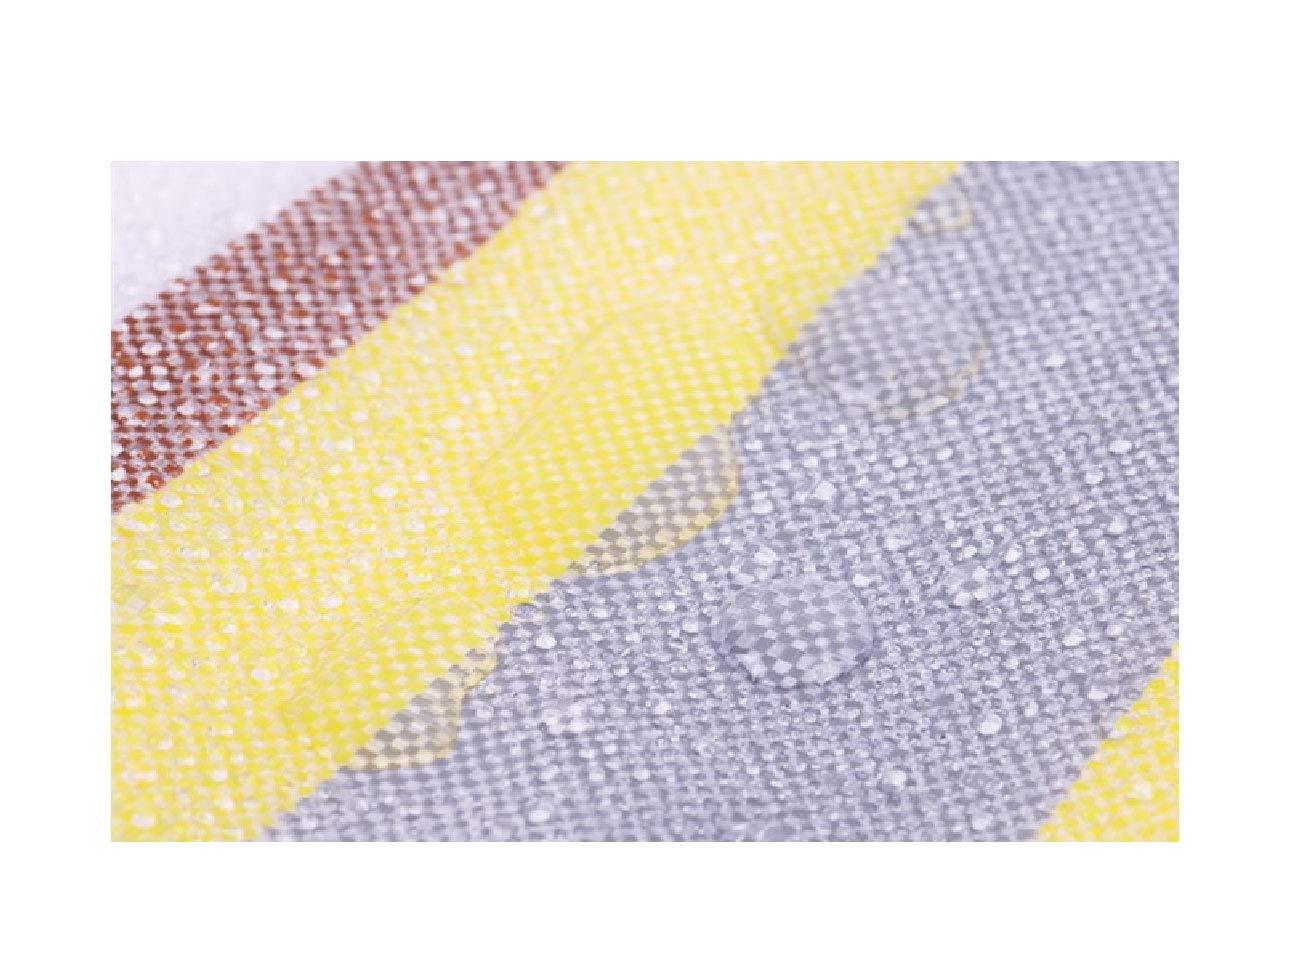 Ertrtyfgh Verdickungs-LKW-Sonnenschutzmittelregenstoff-Segeltuchfarbstreifen-Tuchschattenregenisolierungskabinendachplane des Wassers imprägniern Mehrgrößenoptionen im im im Freien (größe   6  6m) B07J9ZR2QZ Wurfzelte Empfohlen heute f094b3